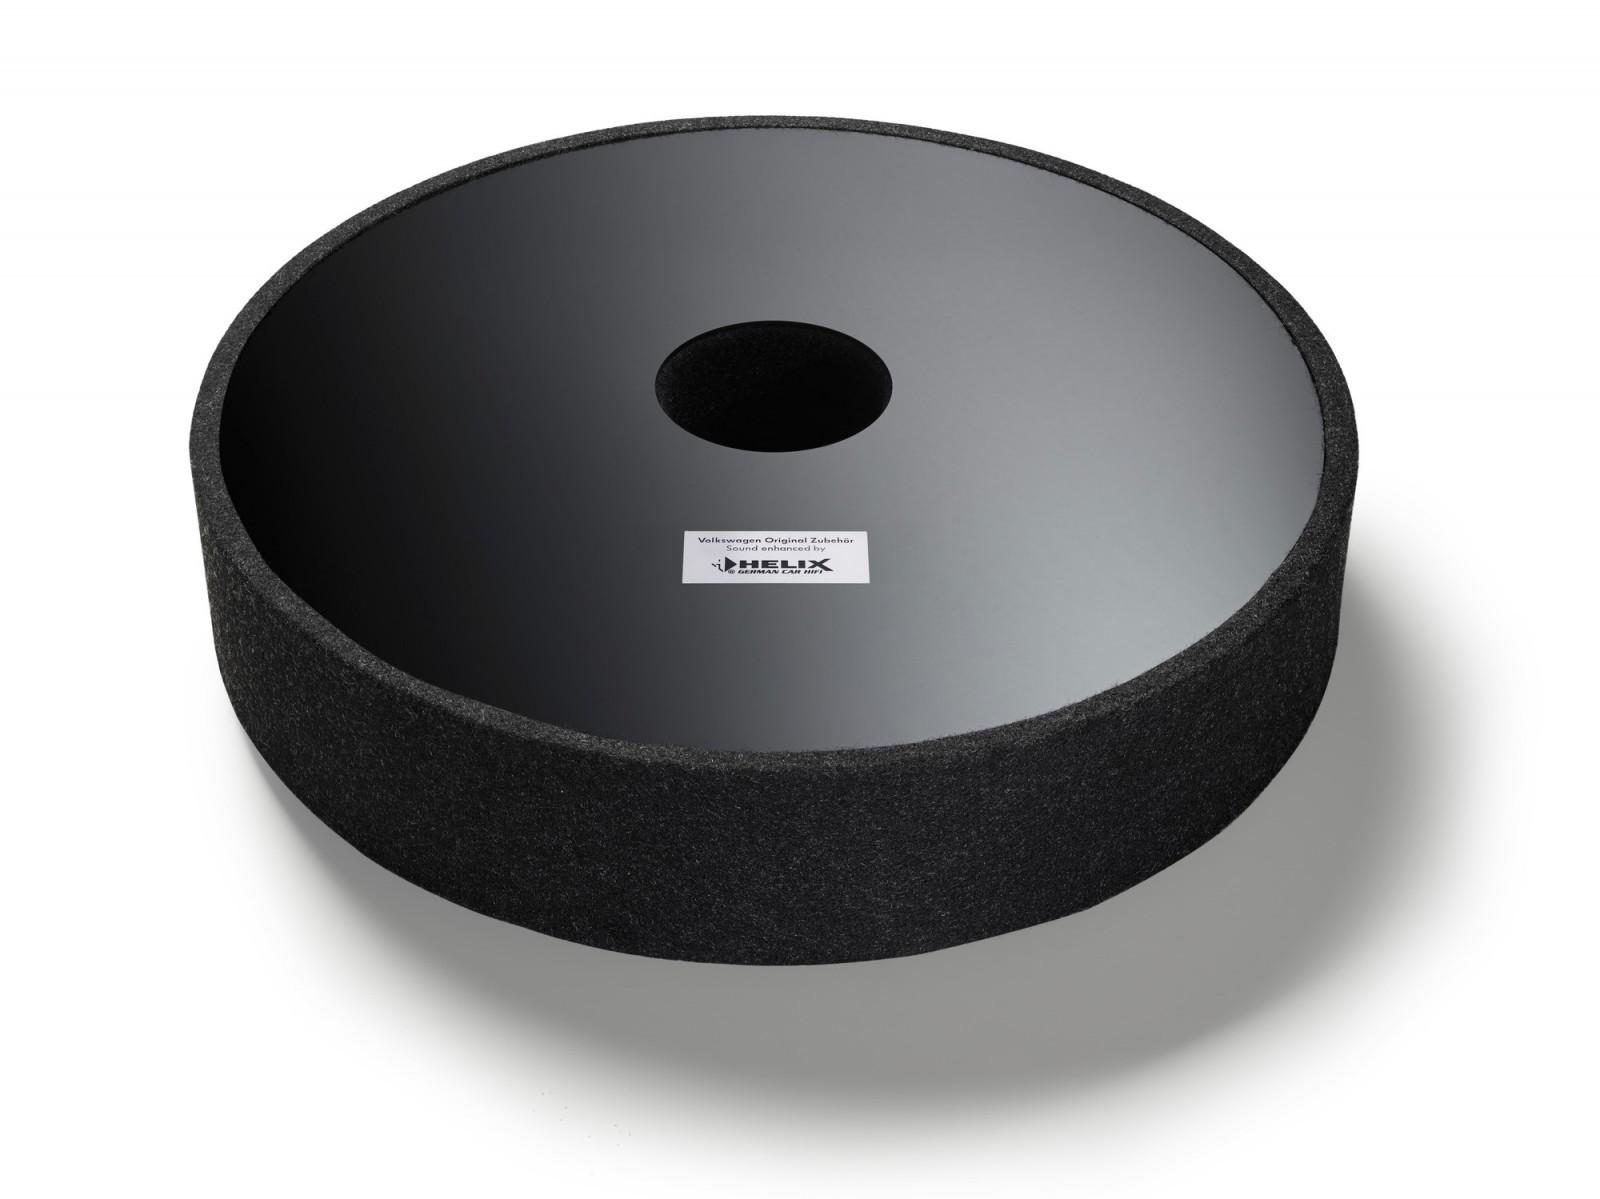 original volkswagen vw helix plug play soundsystem. Black Bedroom Furniture Sets. Home Design Ideas